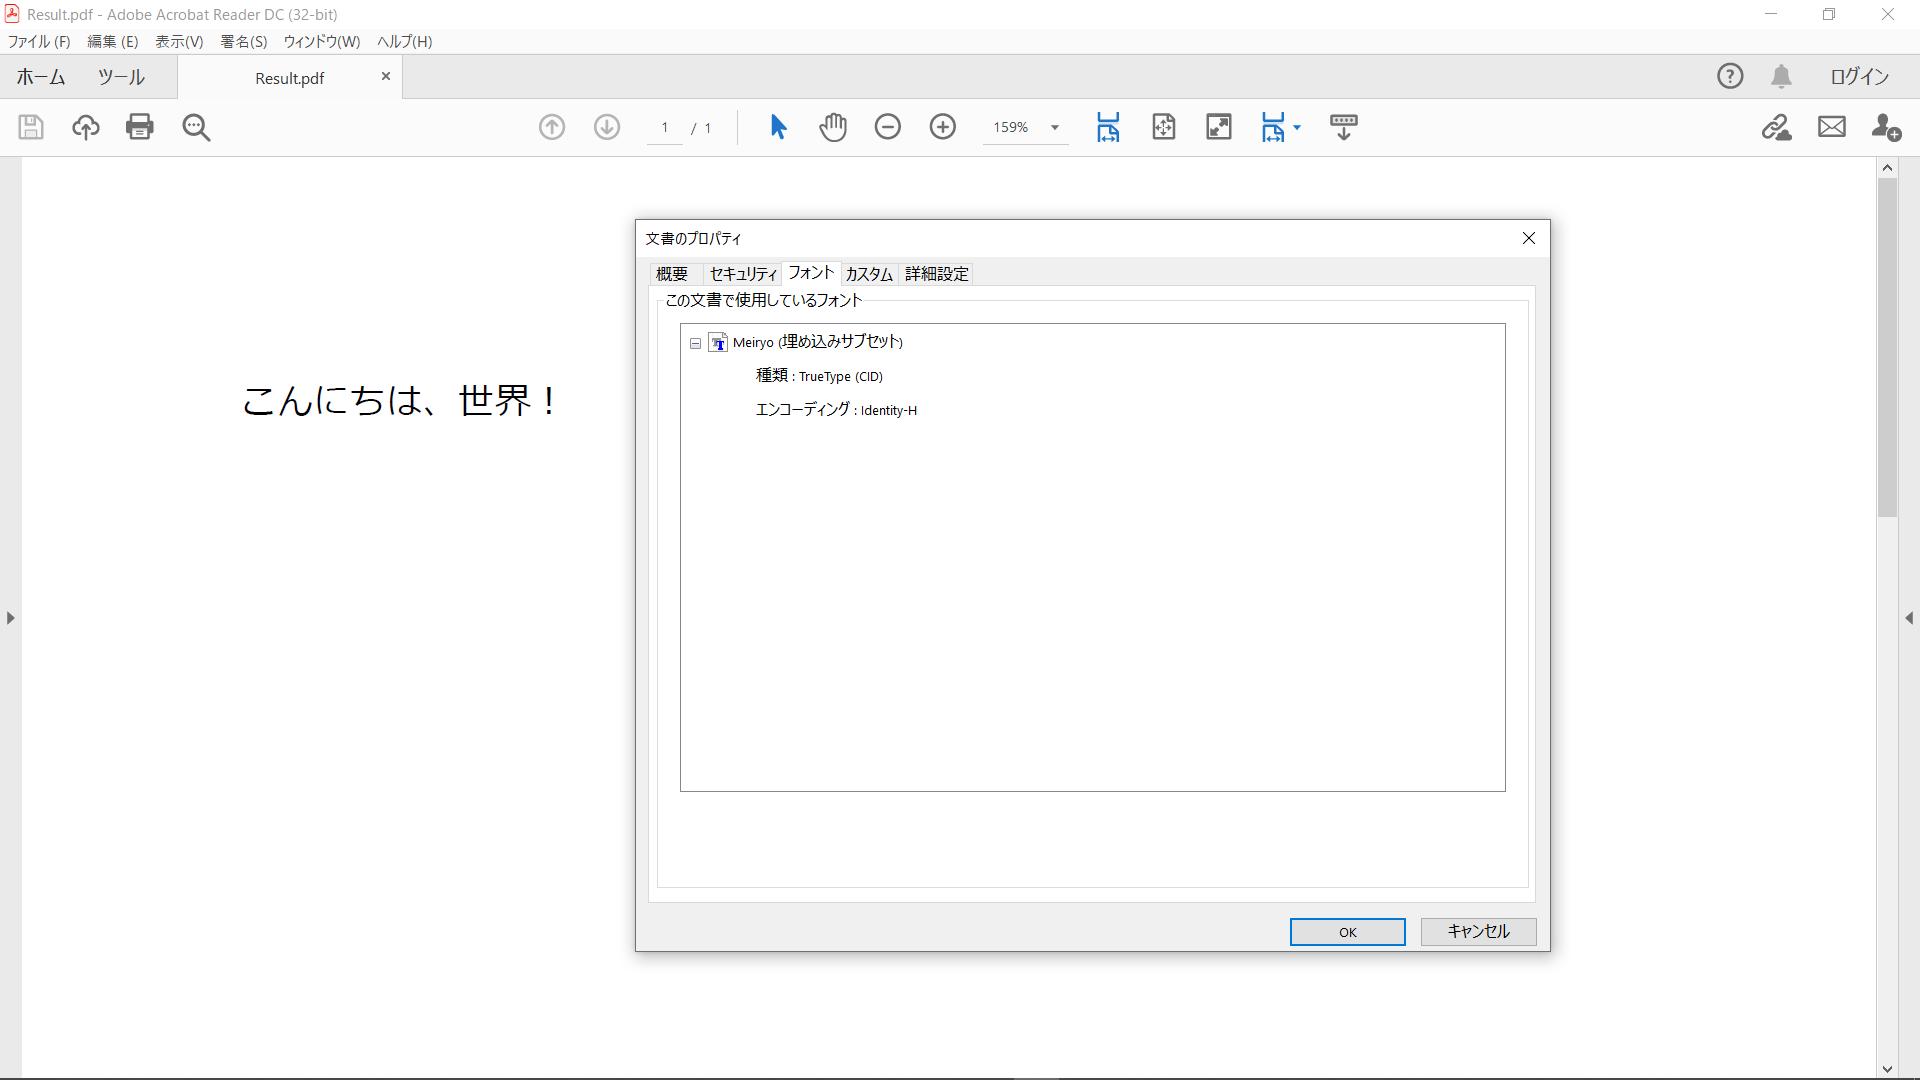 作成したPDFドキュメントを保存する際の日本語フォントを設定する(DioDocs for PDF)